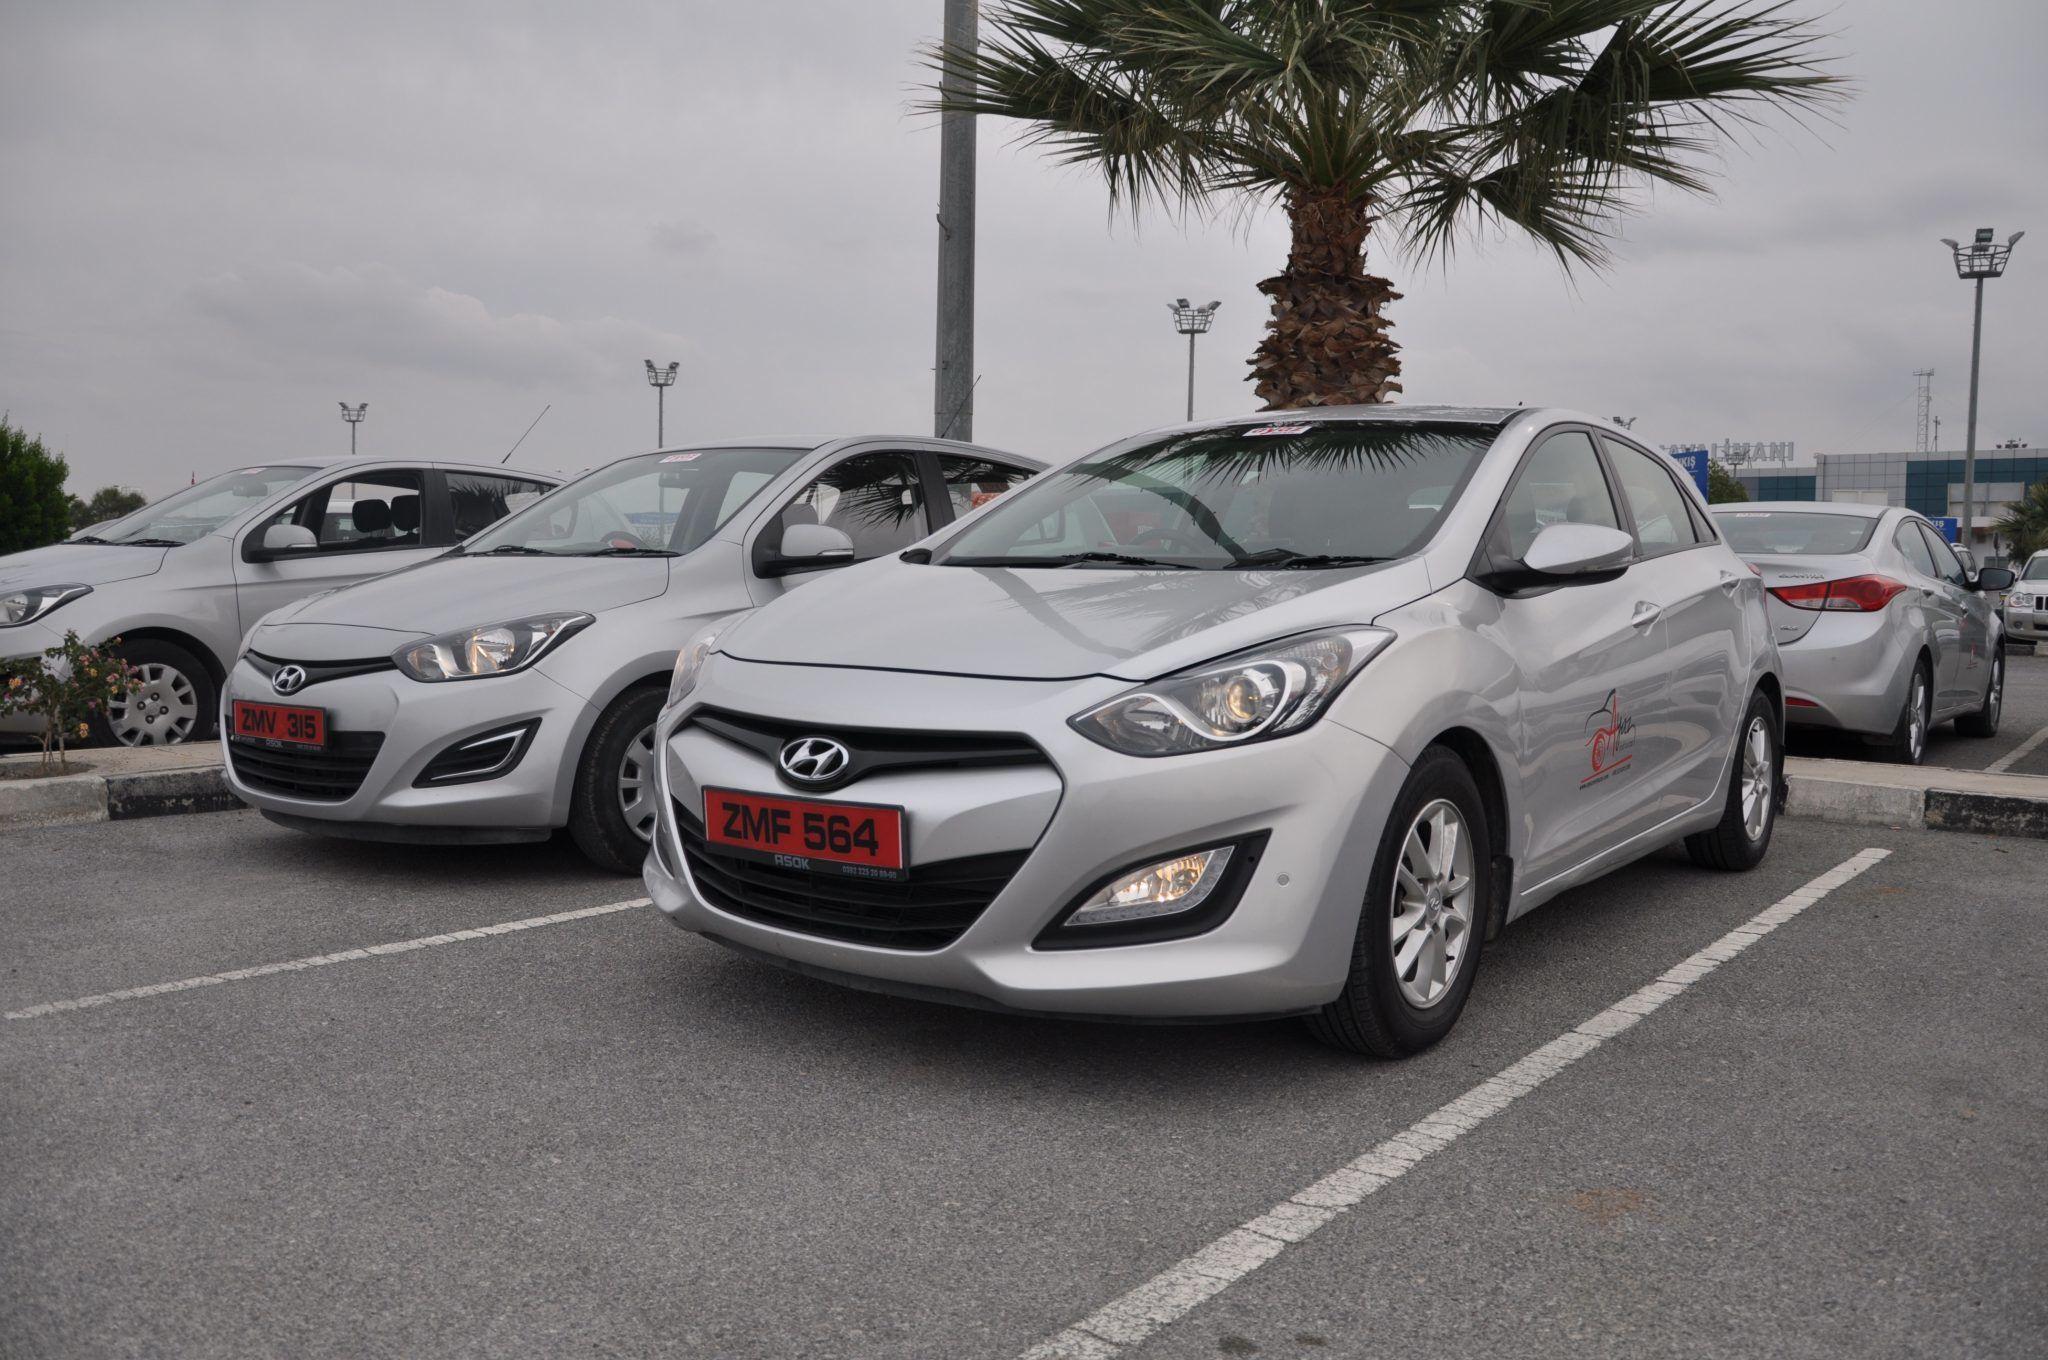 kibrisrentacar otopark 5 En Önemli ve Güvenilir Kıbrıs Rent a Car Şirketleri